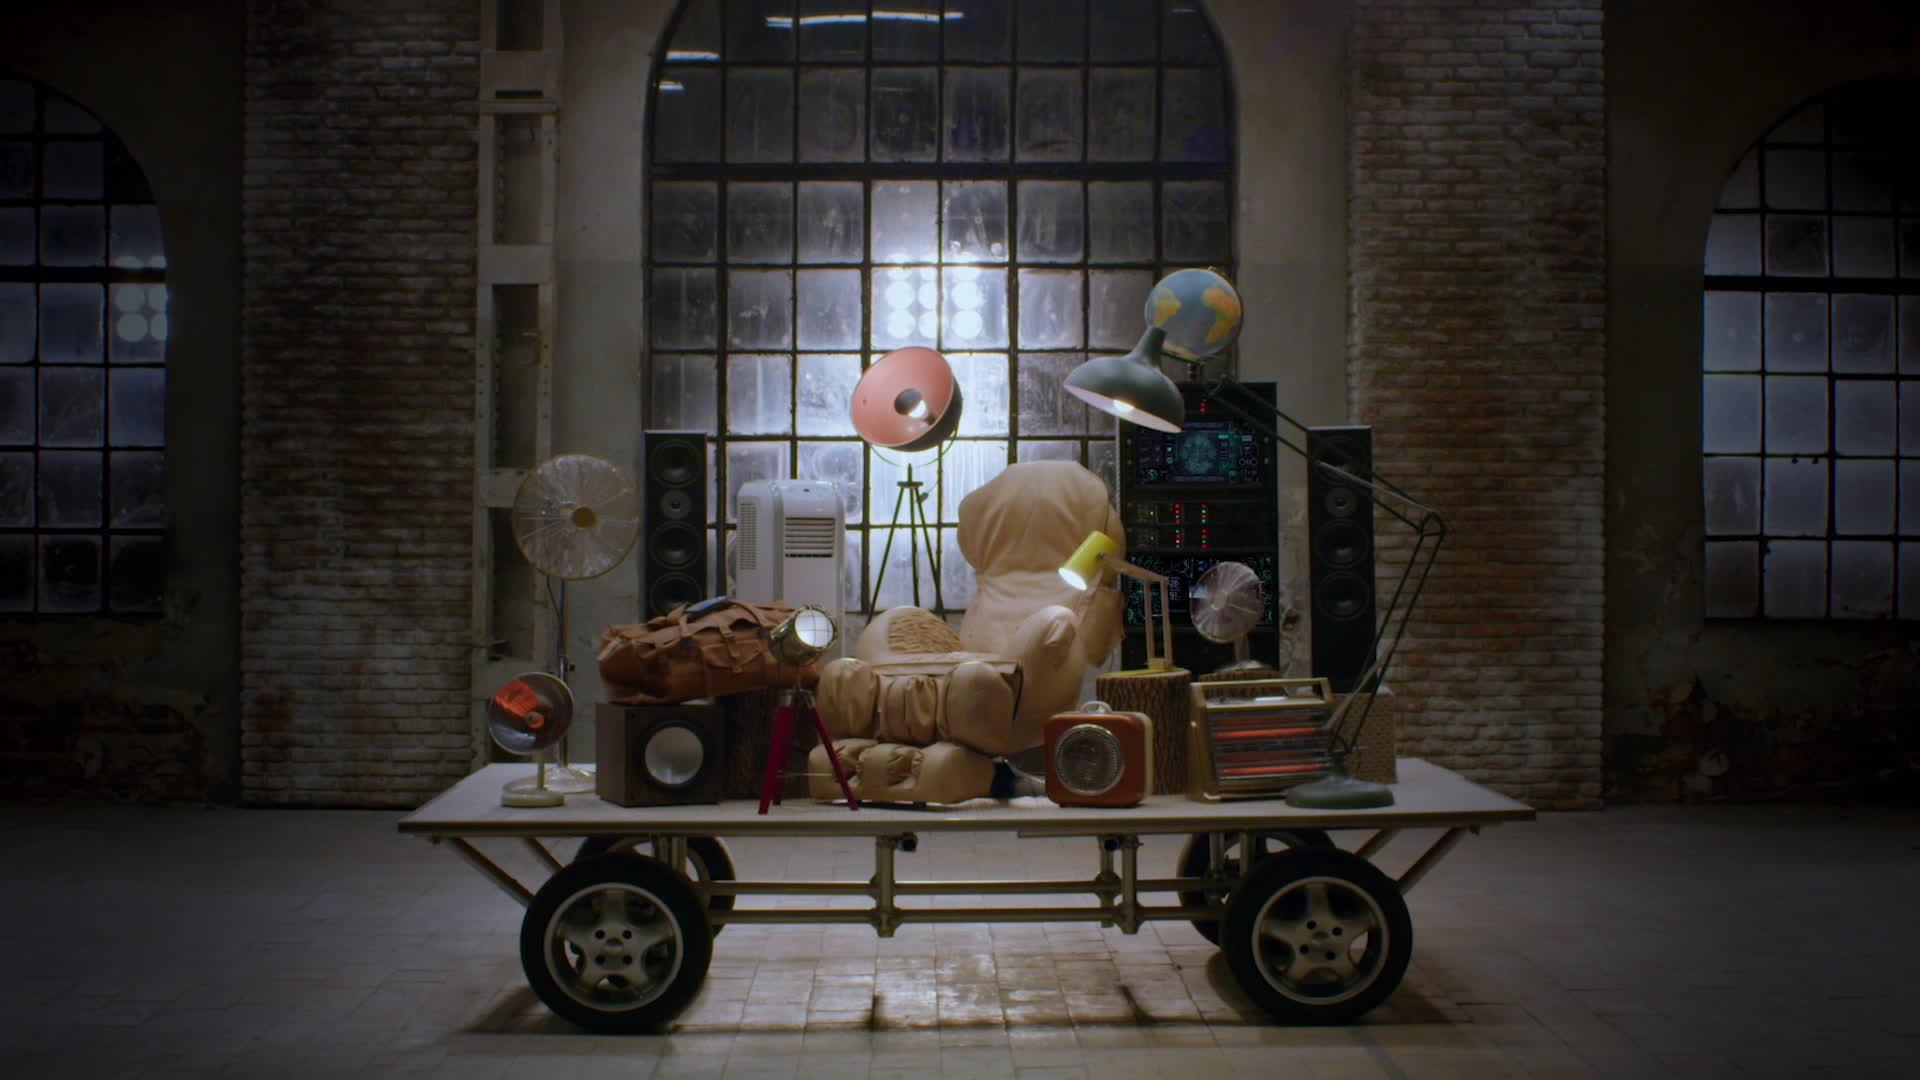 Audi A6 Filmwettbewerb: Reveal